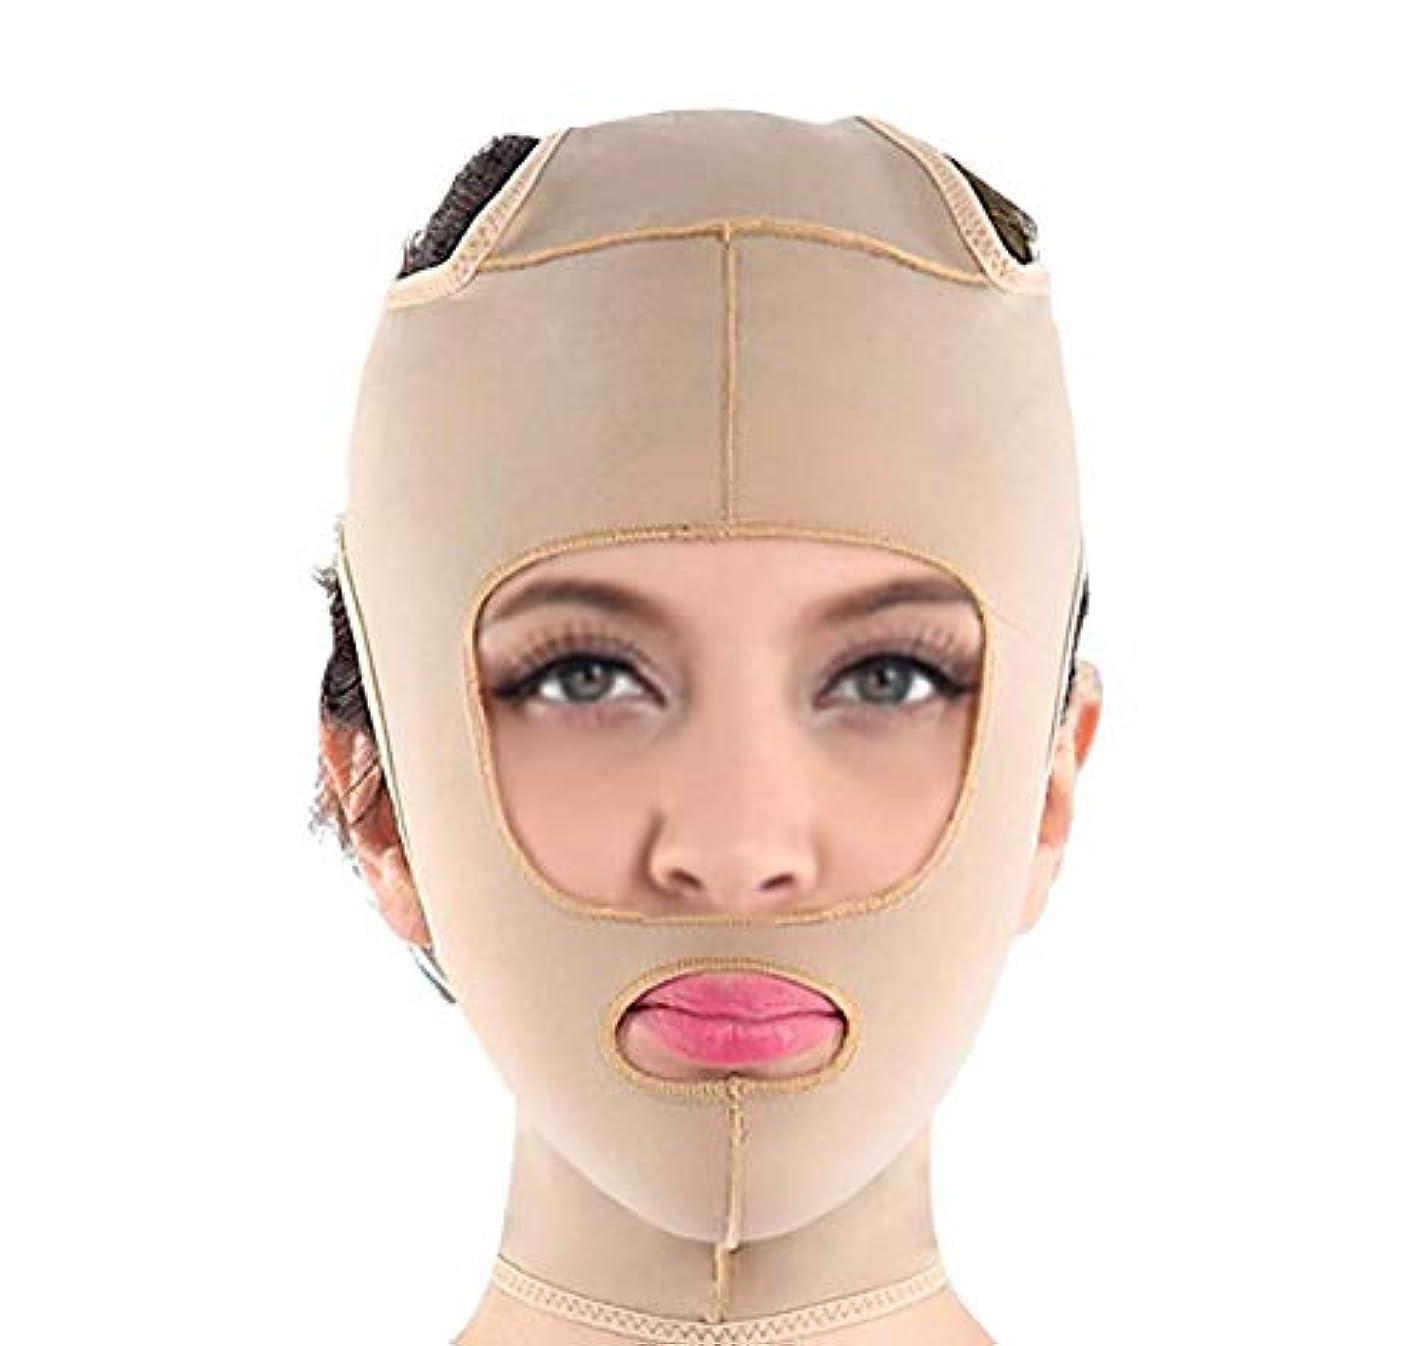 スリチンモイランタン銀行フェイスリフティングマスクで肌をしっかりと保ち、顔の筋肉の垂れ下がりや顔の美しい輪郭の整形を防止します(サイズ:Xl),S